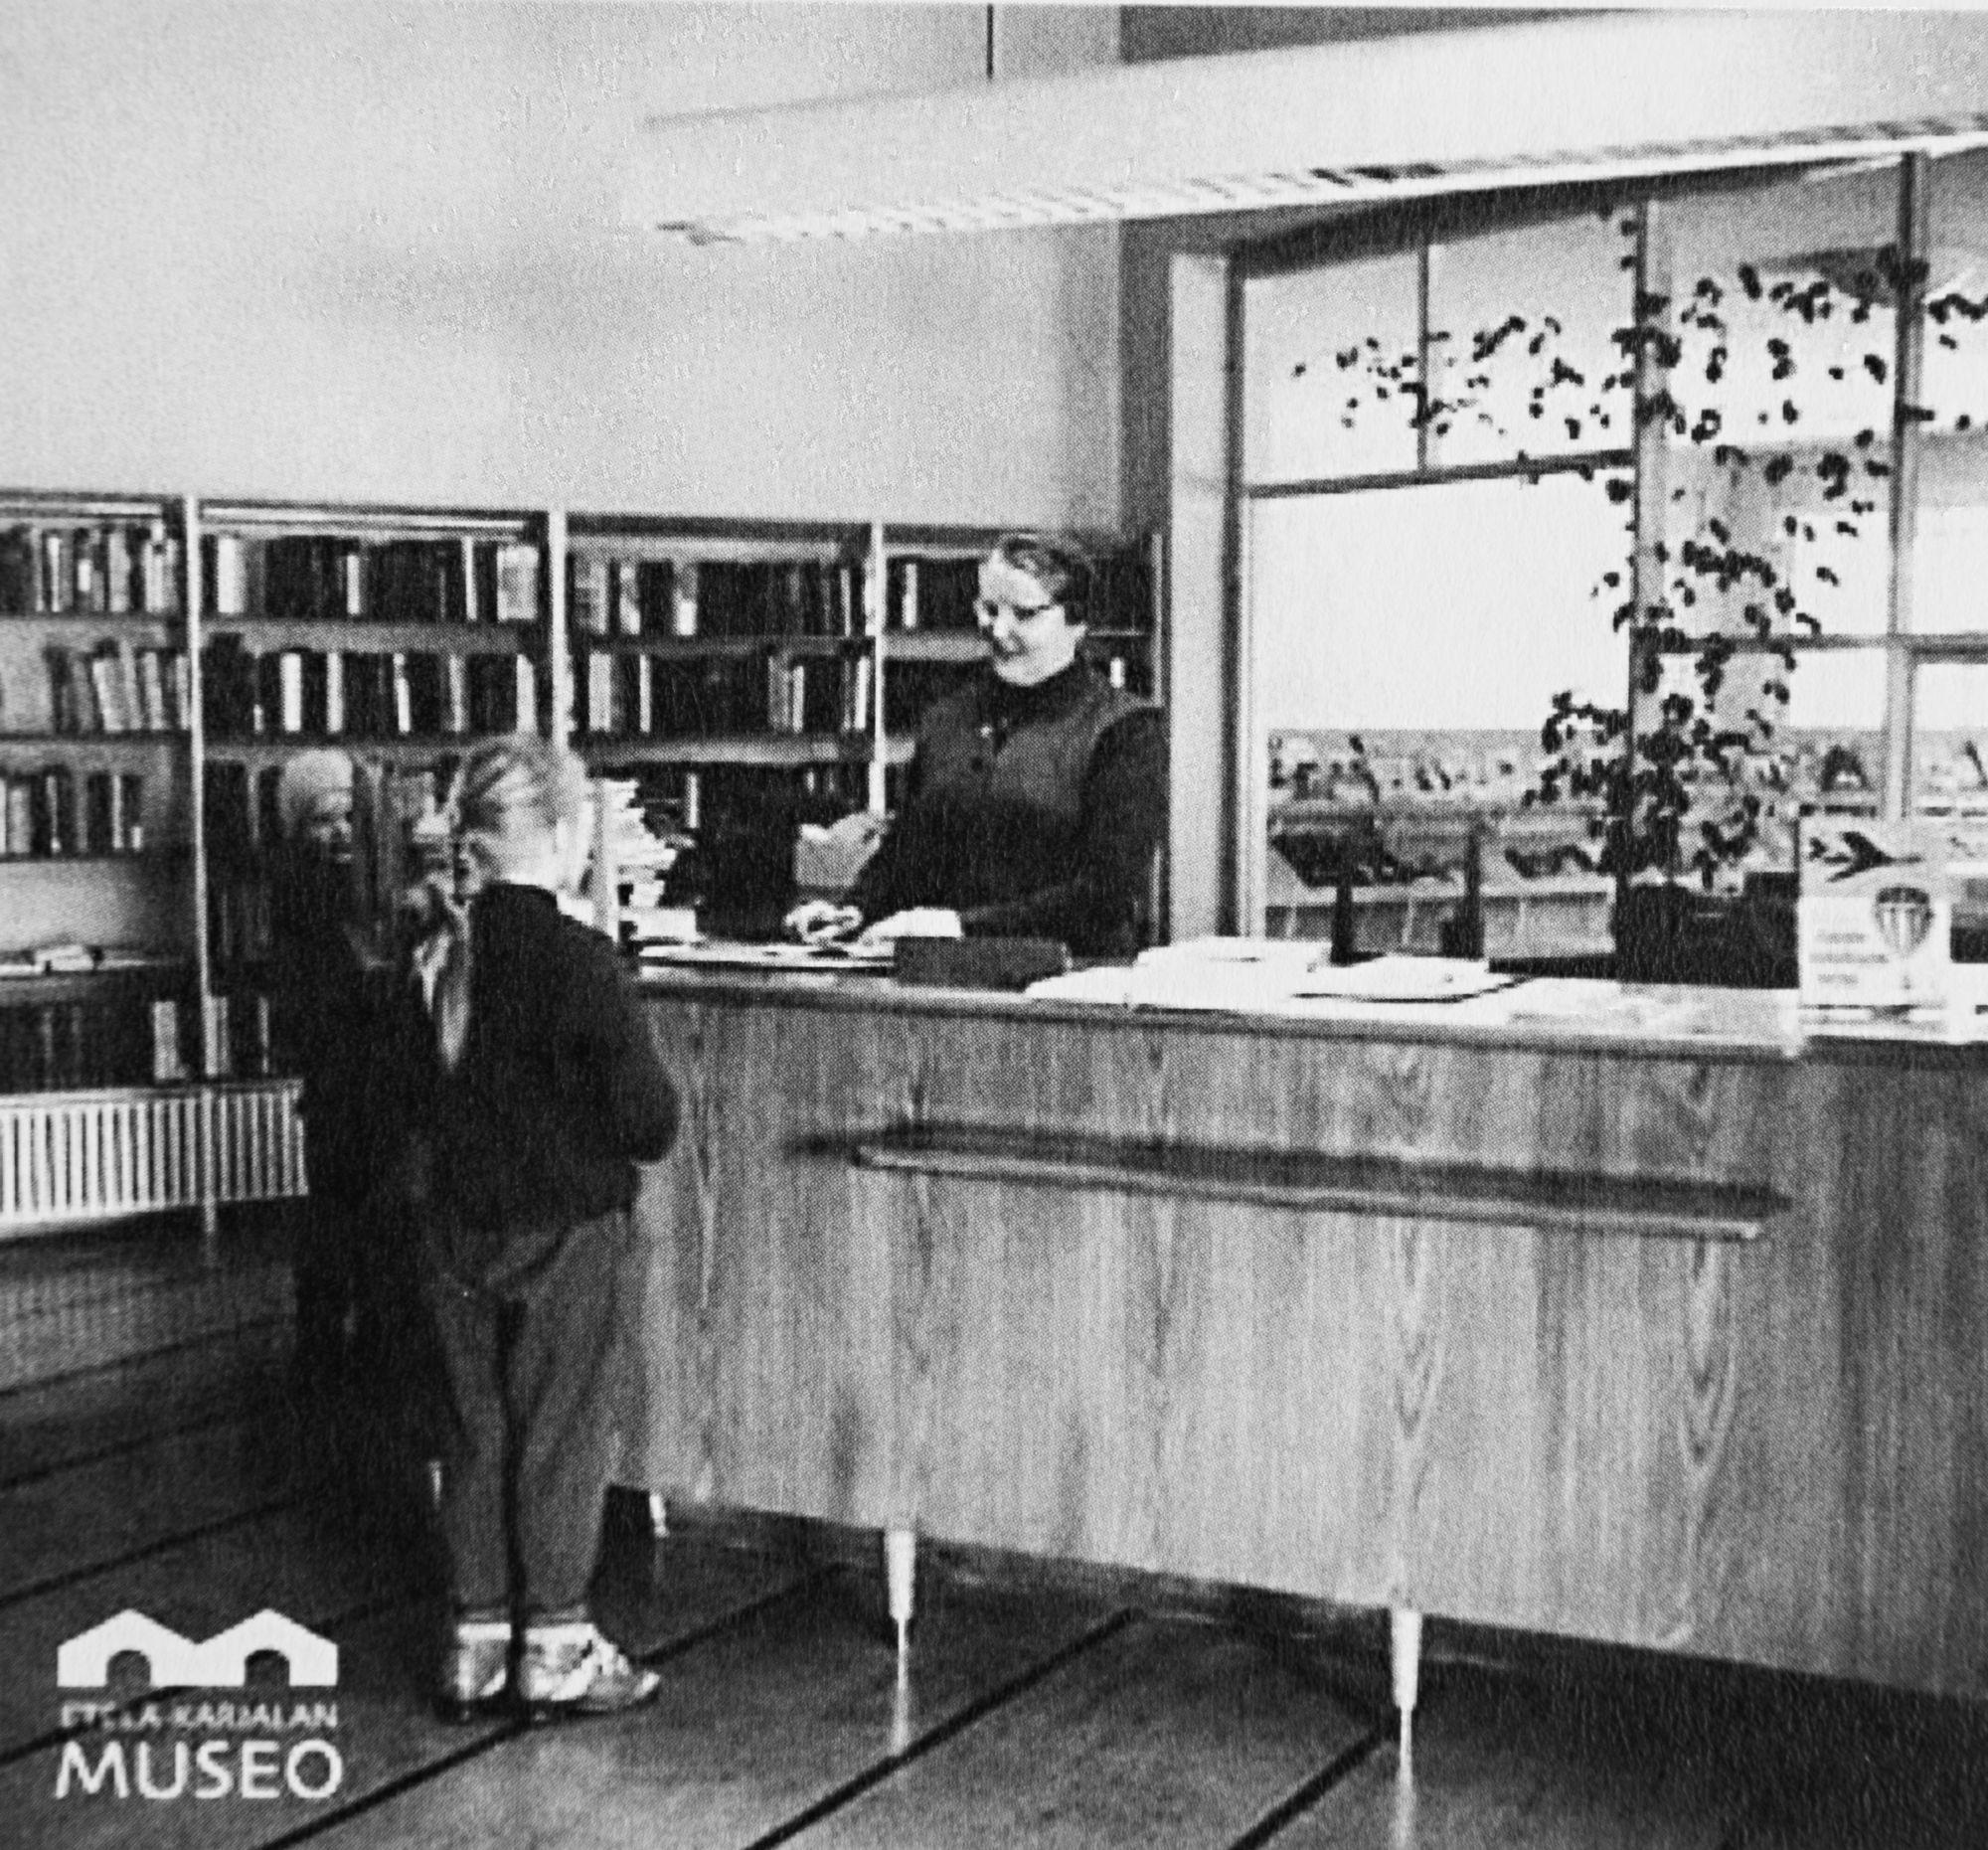 Lauritsalan kirjastosta tuli isän kuoleman jälkeen ala-asteikäisen Irja Askolan turvapaikka. © Etelä-Karjalan museo